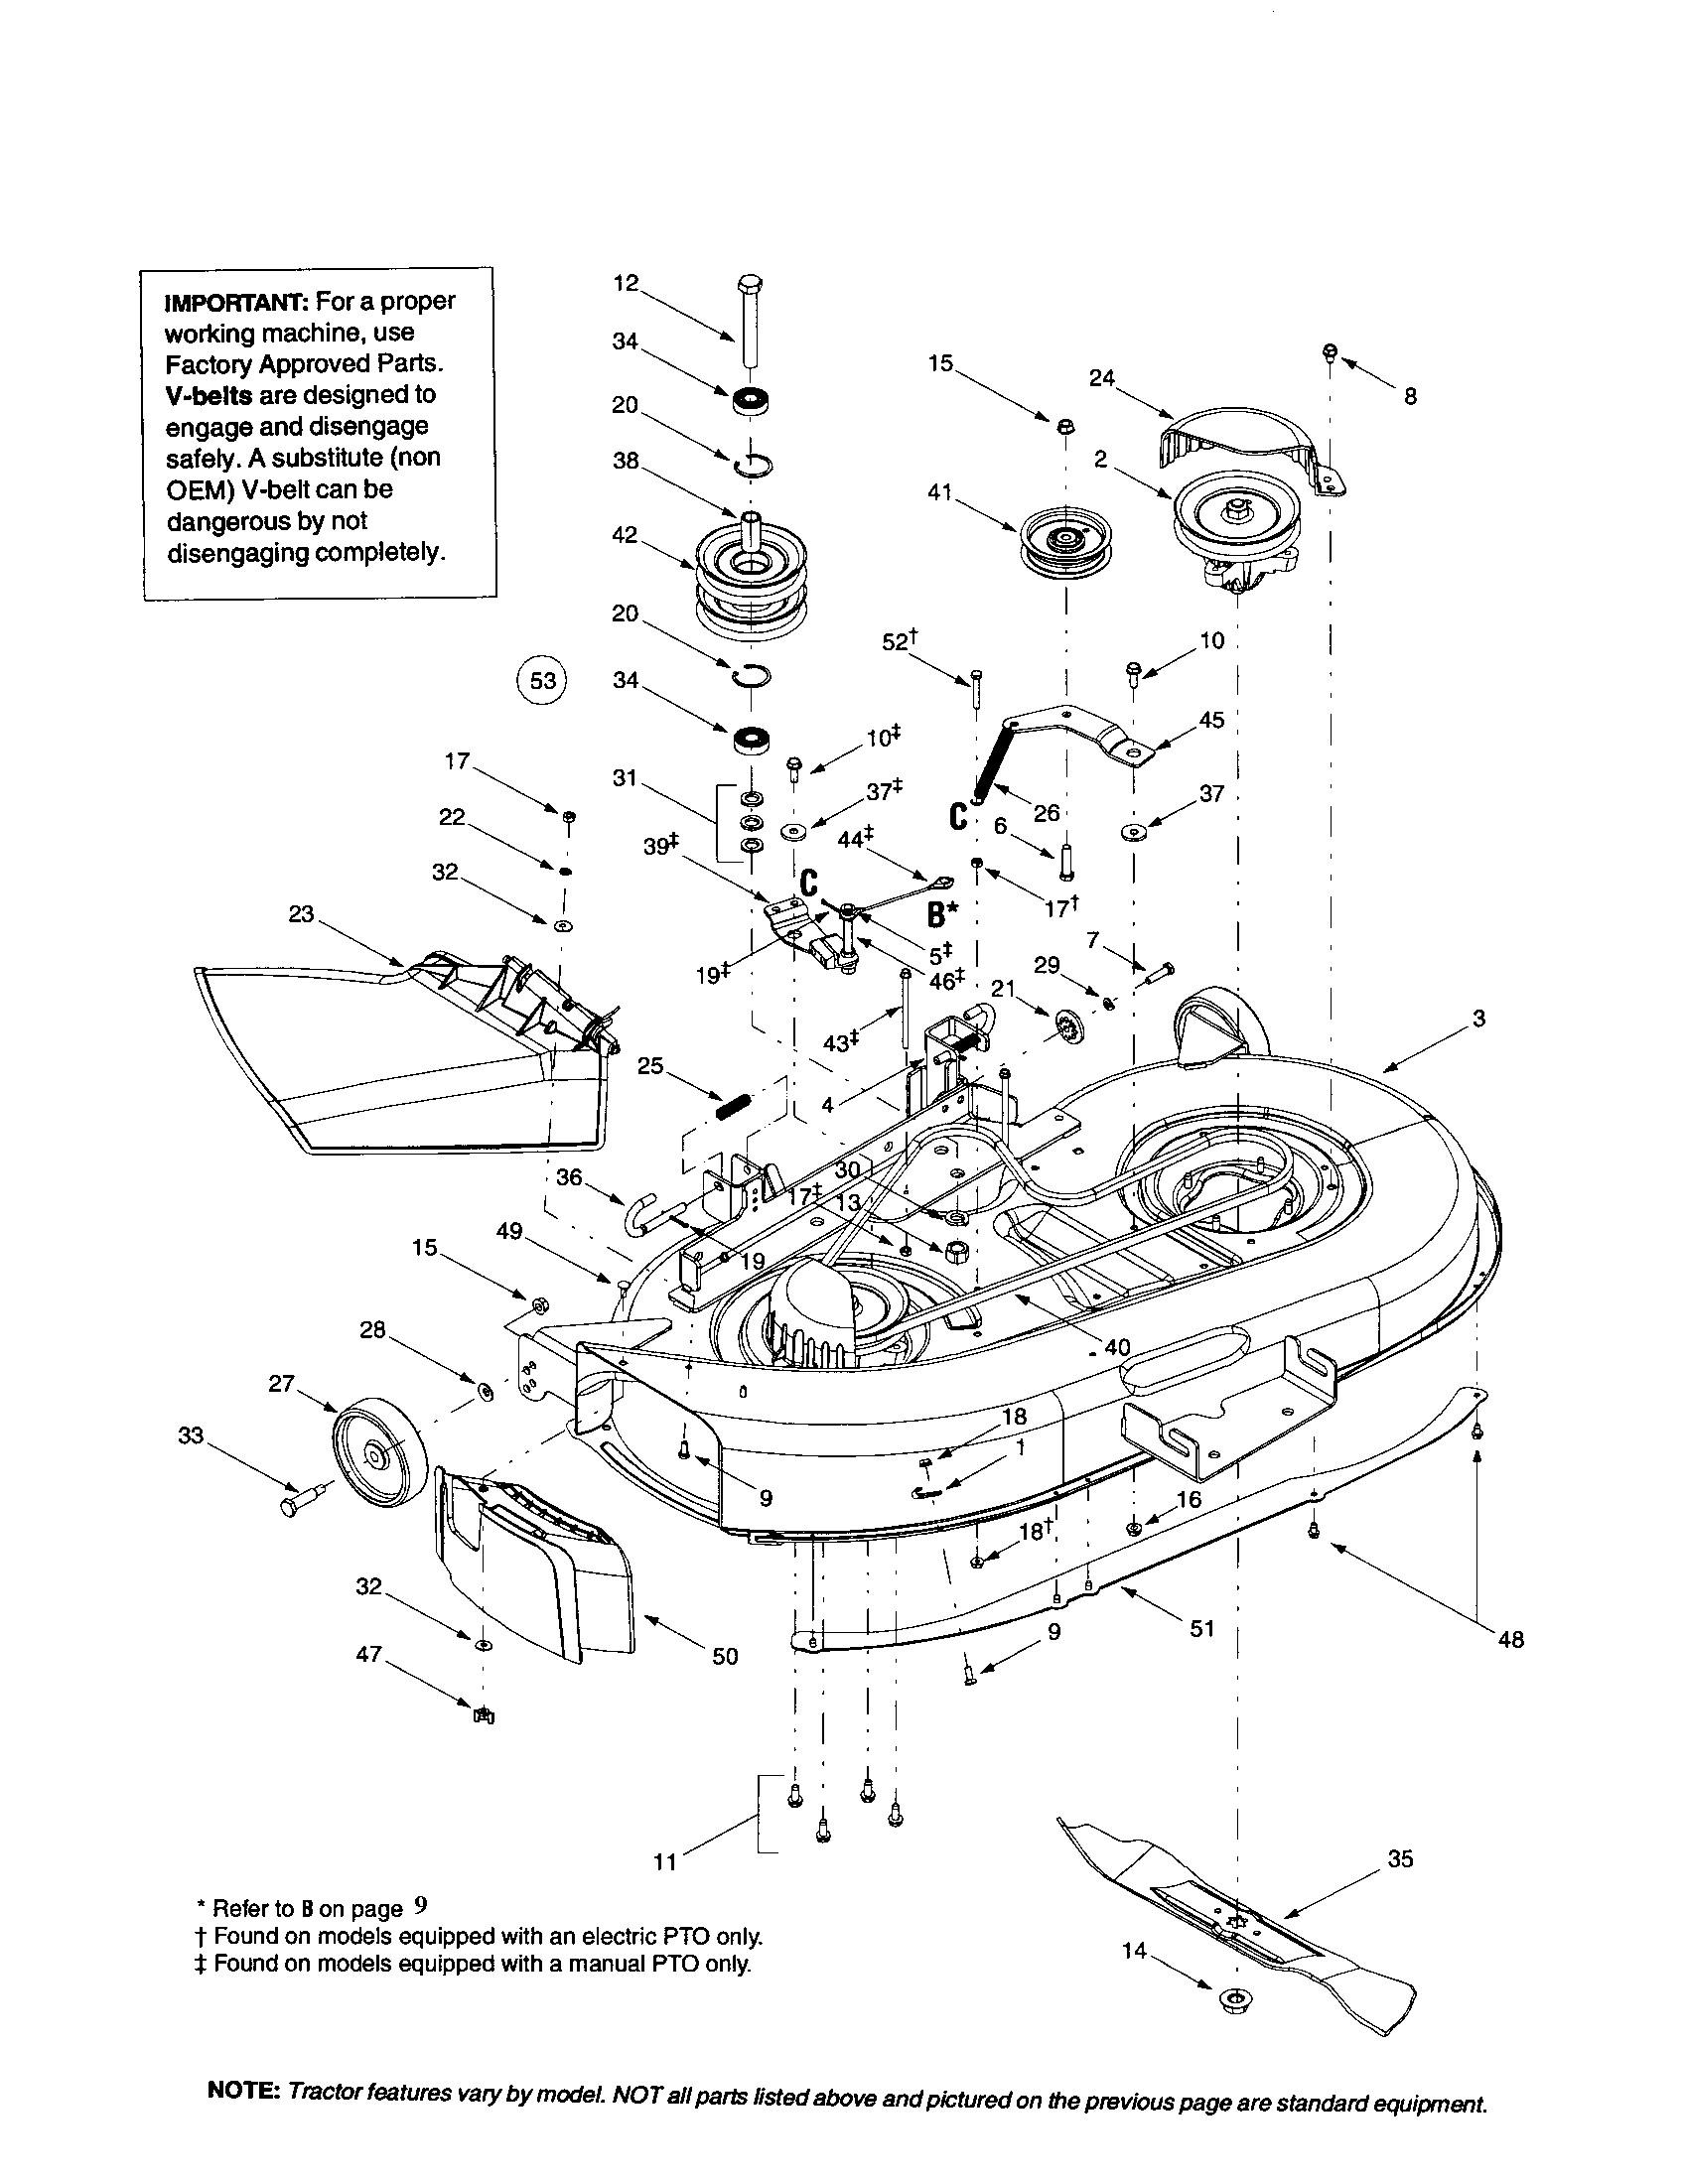 Dixon Lawn Mower Parts Diagram Patent Us Friction Drive